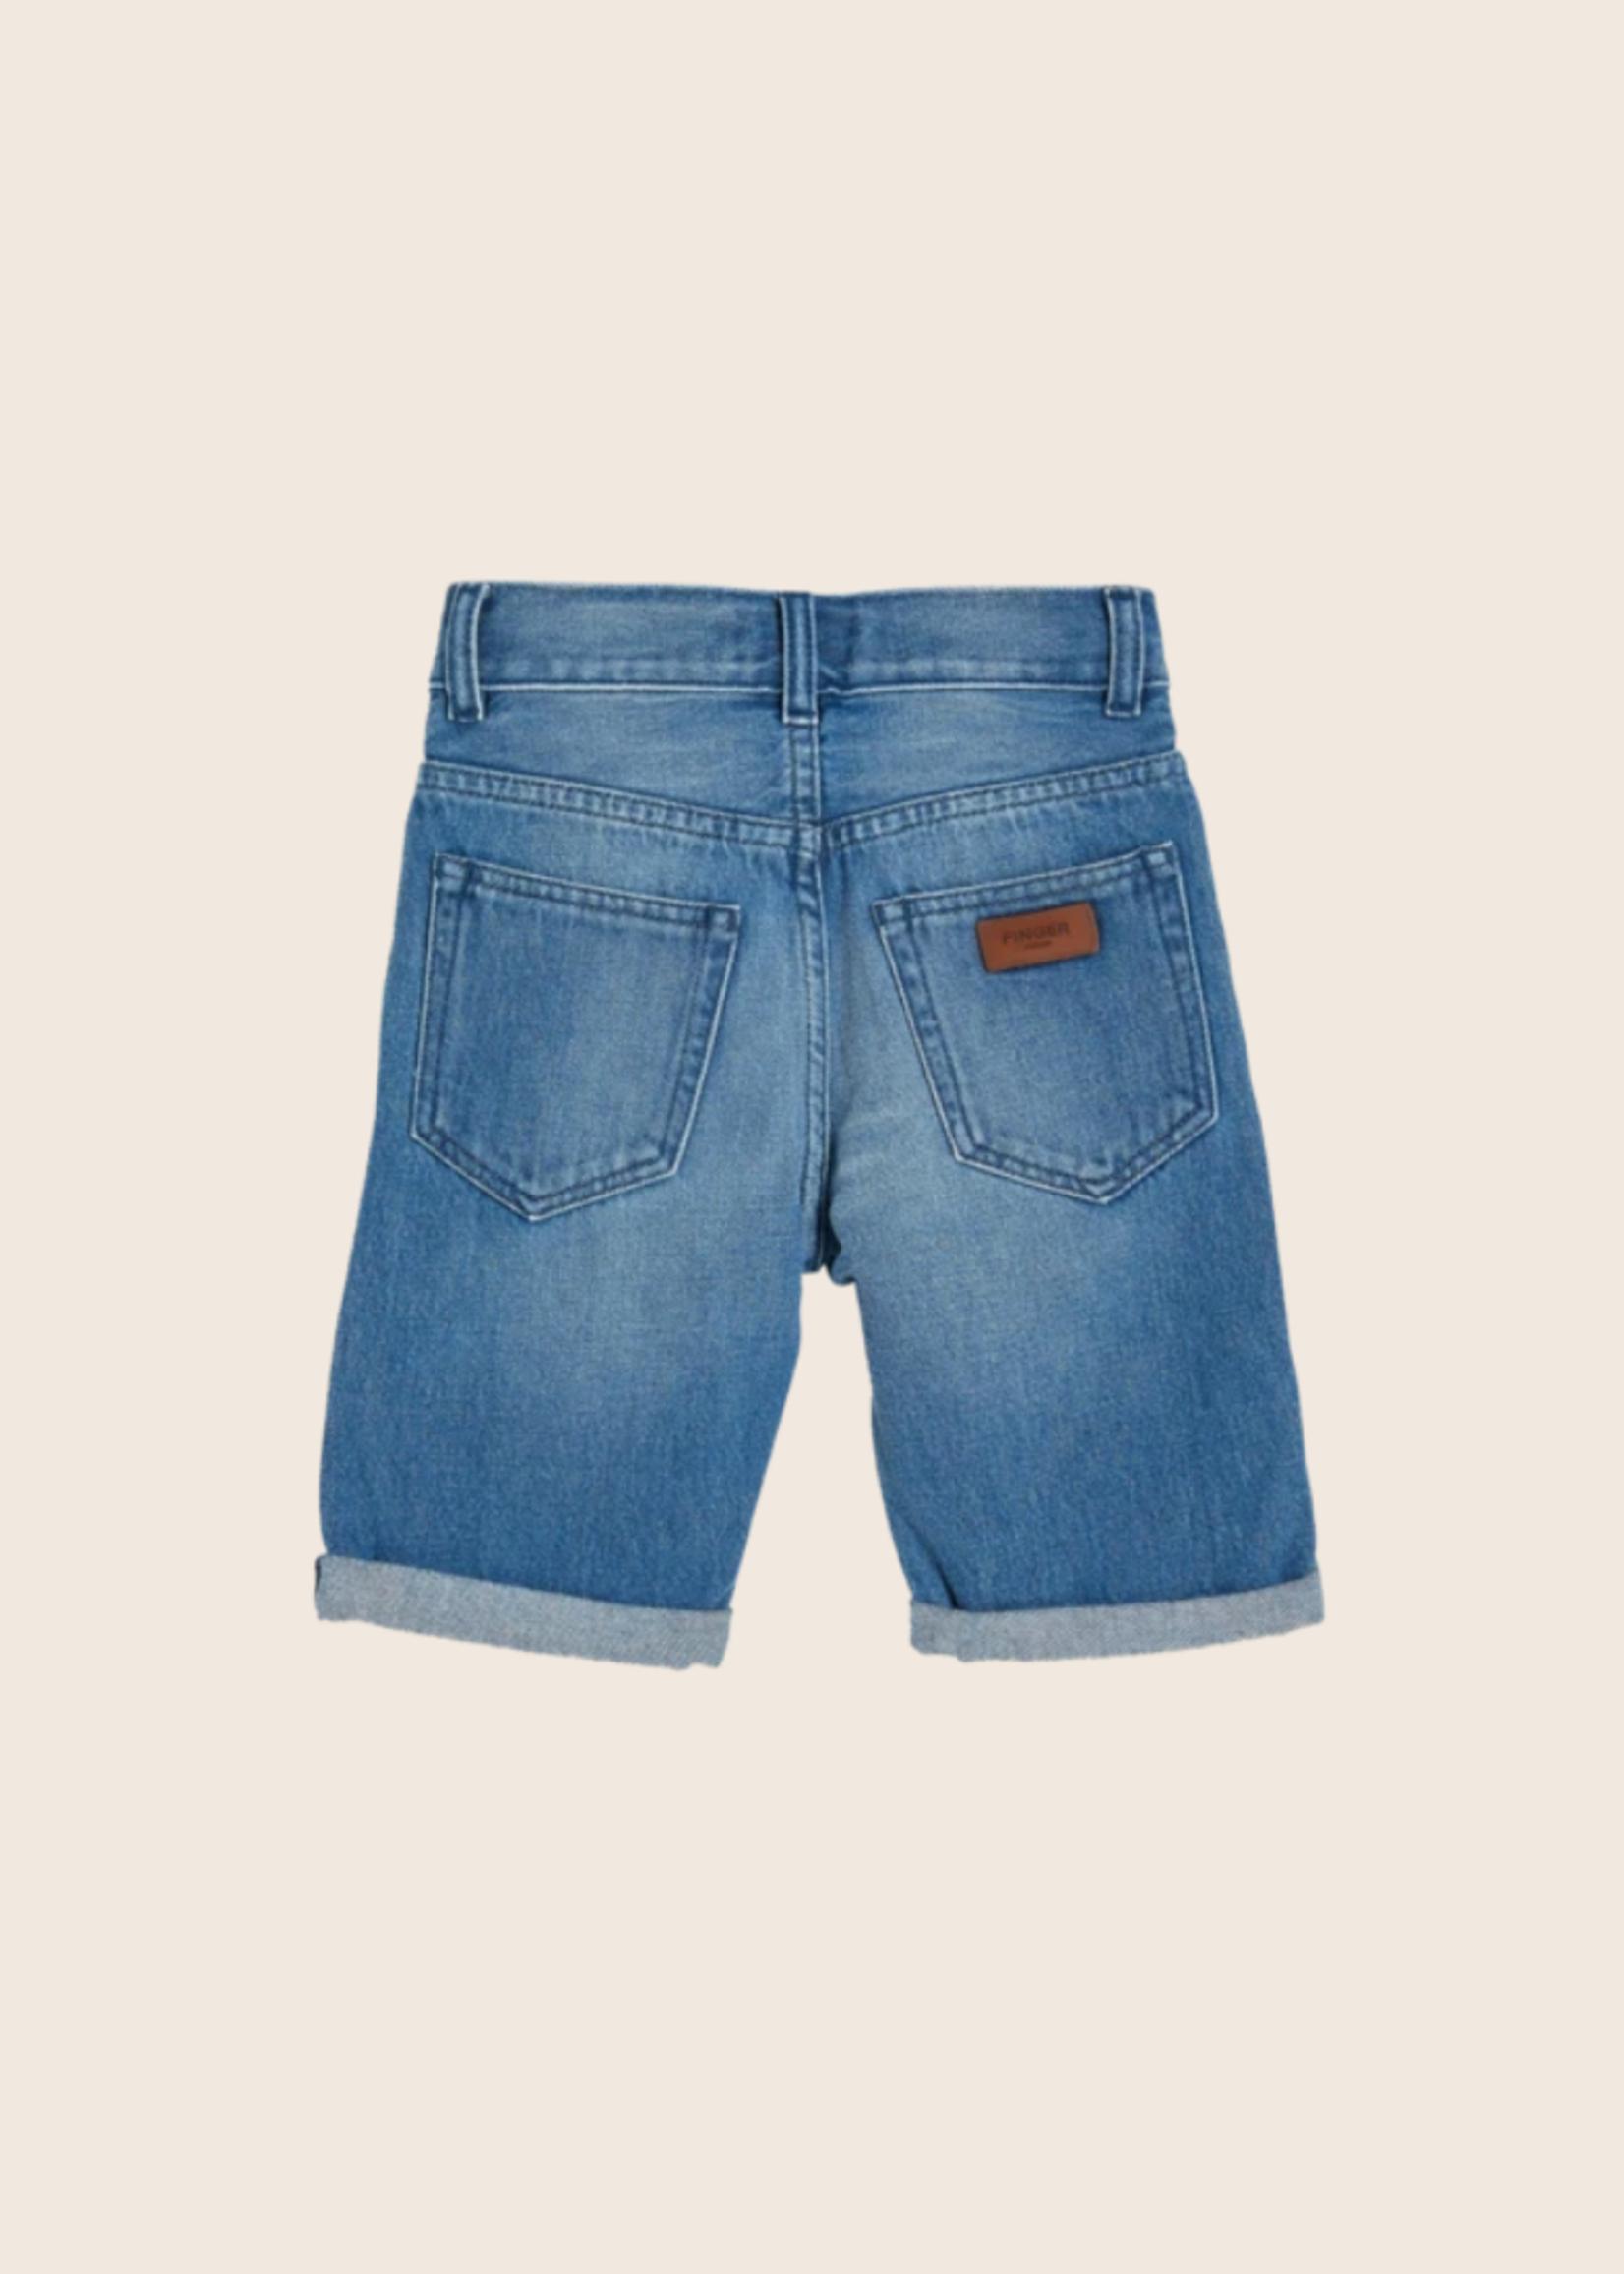 FINGER IN THE NOSE EDMOND Medium Blue - 5 Pockets Comfort Fit Jeans